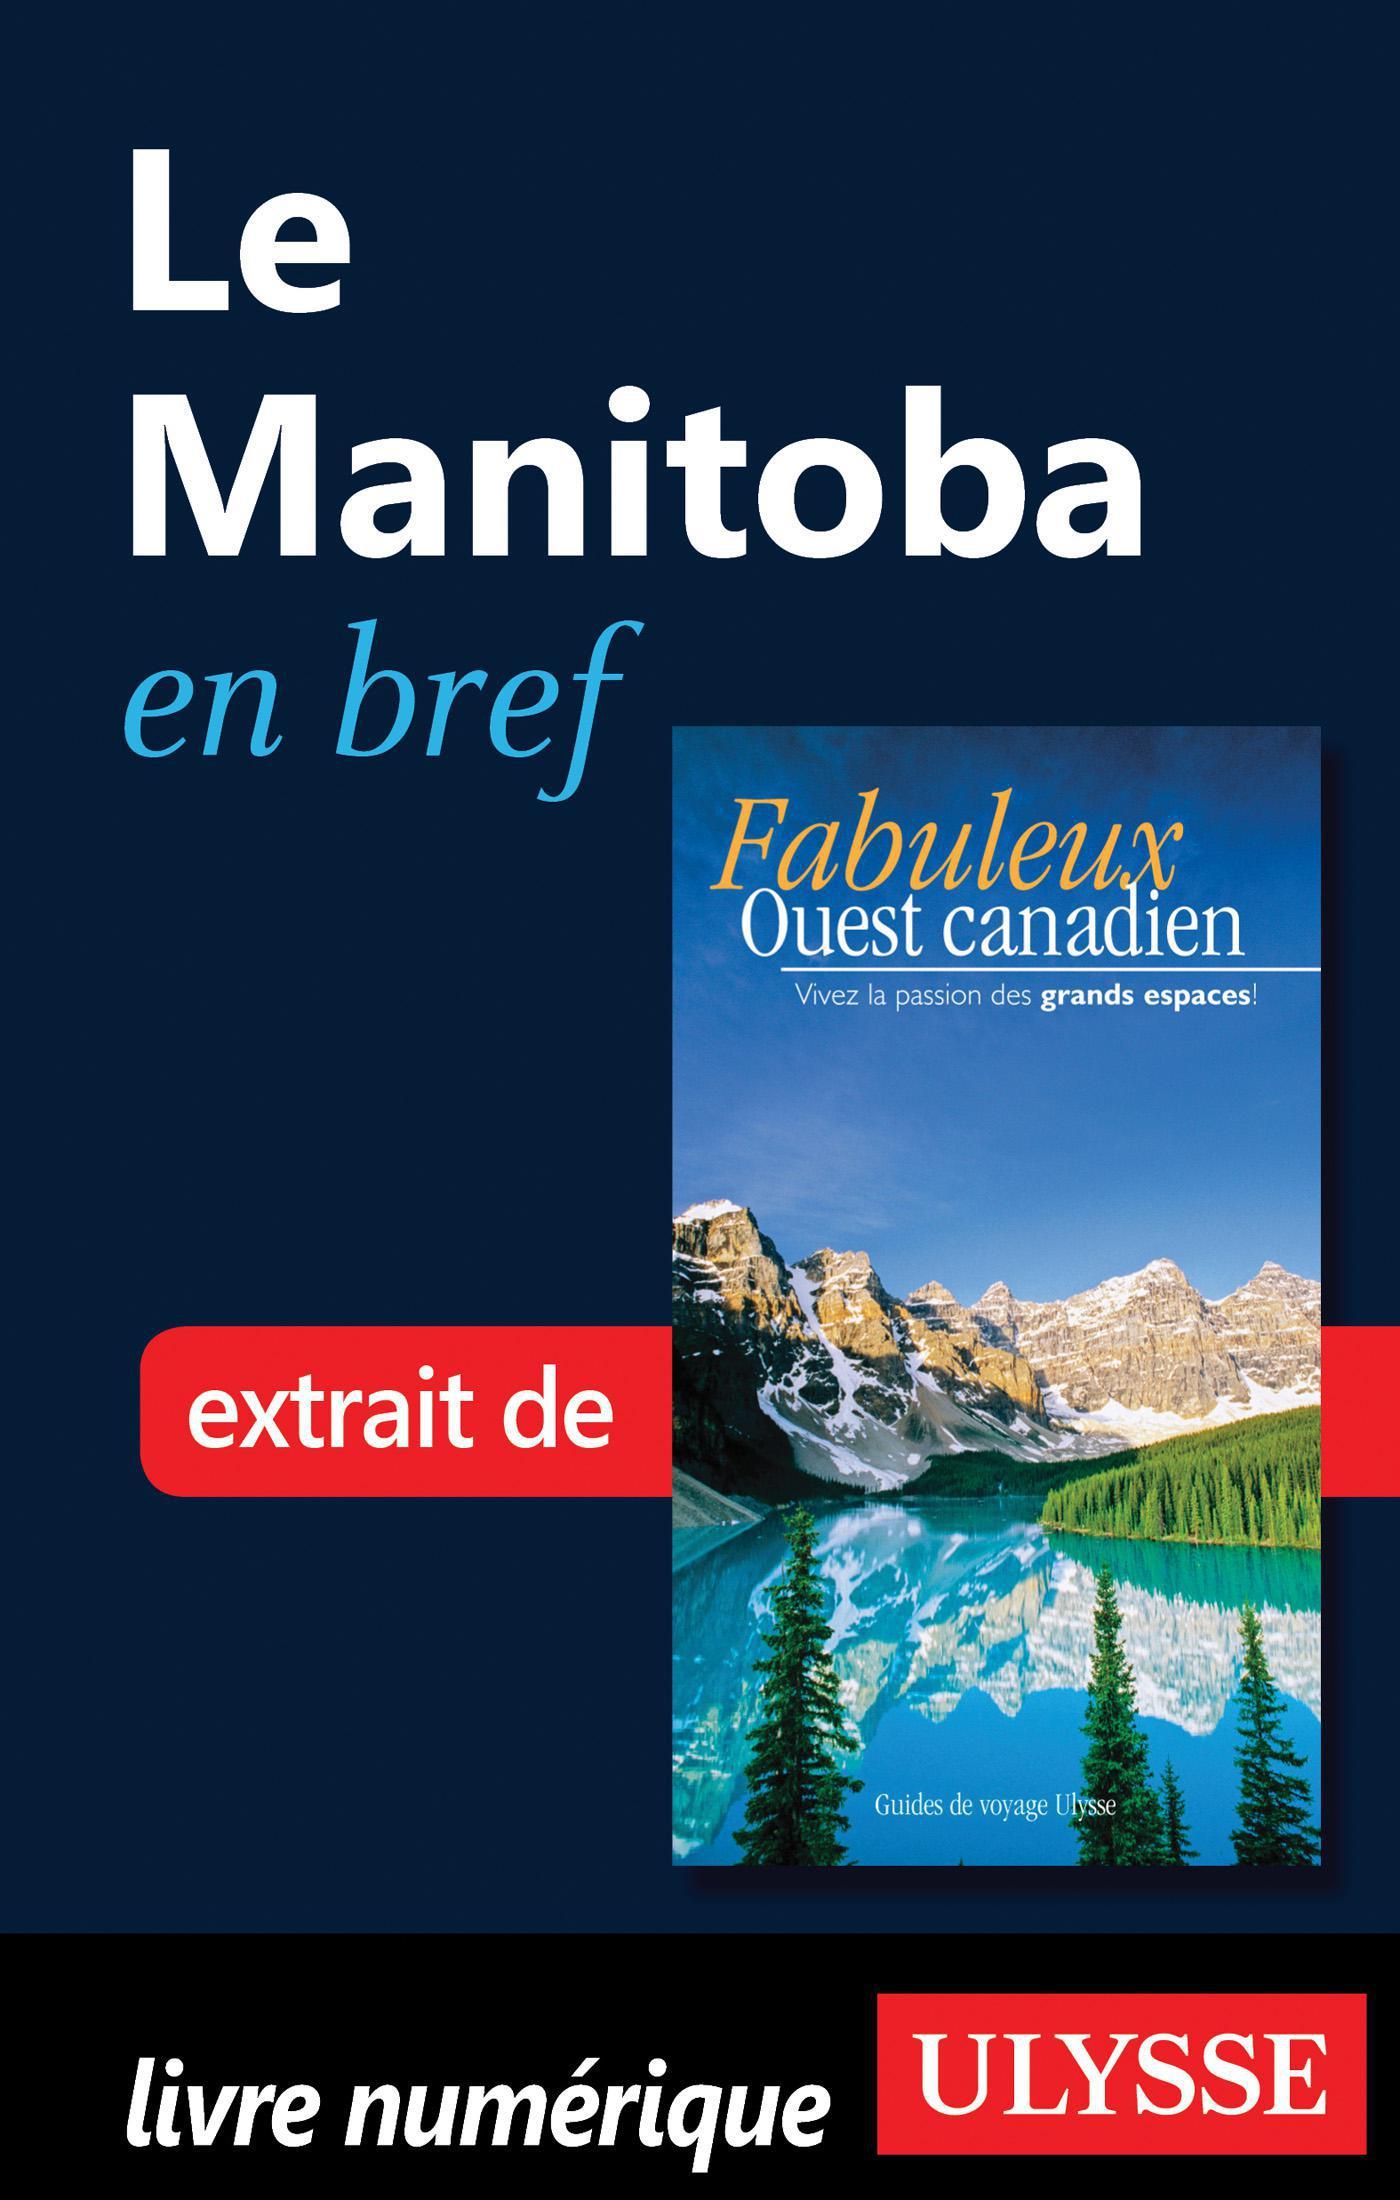 Le Manitoba en bref